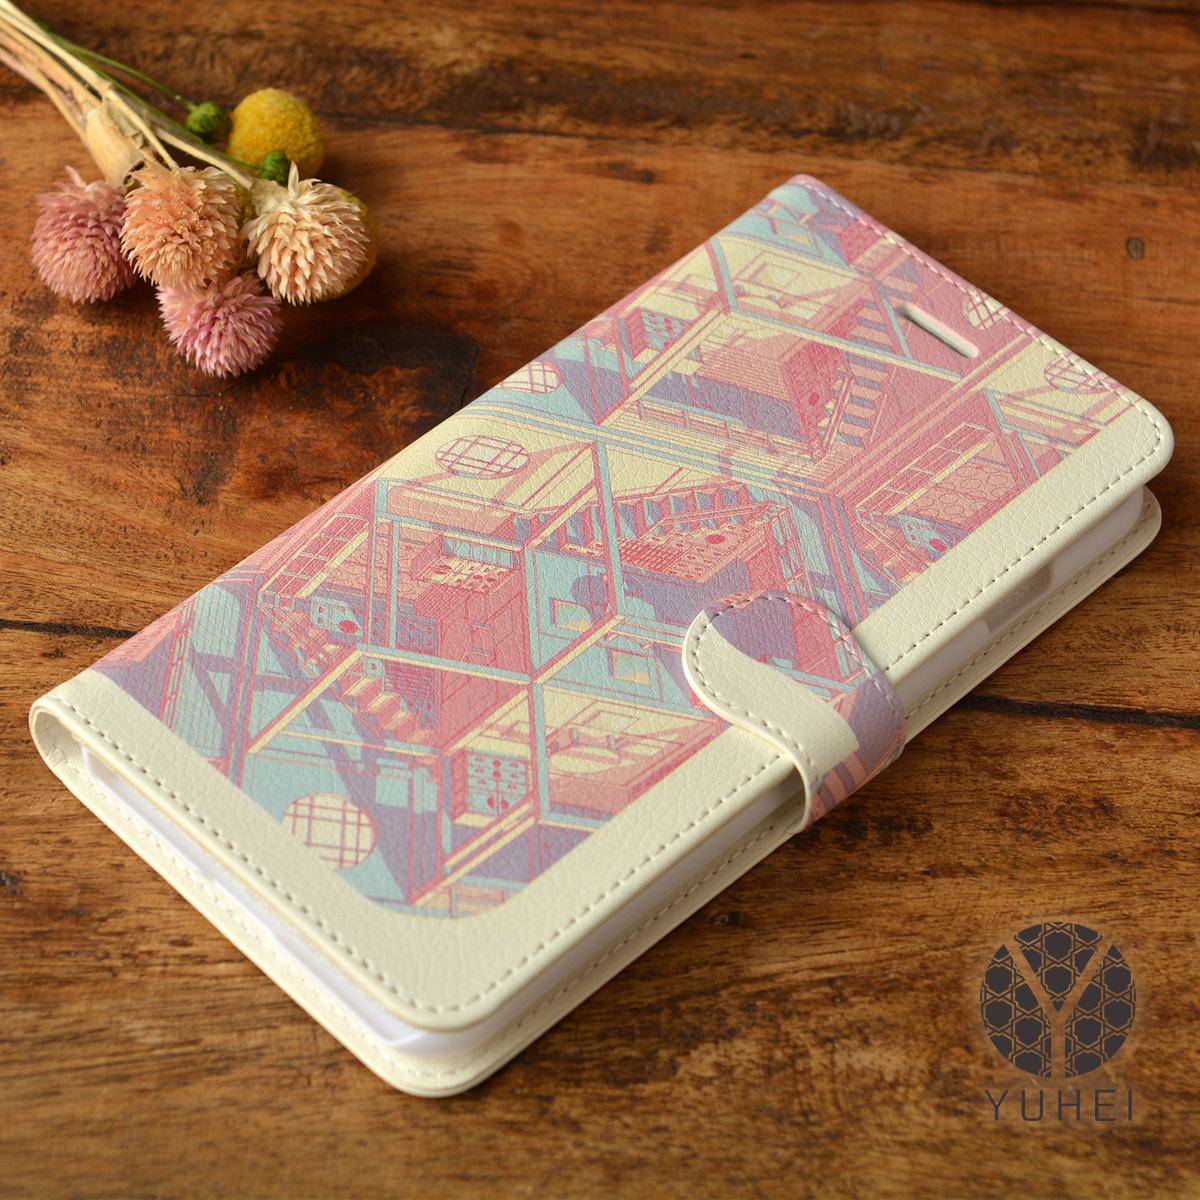 【訳あり】iphone8plus ケース 手帳型 アイフォン8プラス 手帳型ケース iphone8plus ケース 和柄 iphone7plus ケース 和柄 四畳半パターン3D/YUHEI【yh-iph8pt-39007-B1】